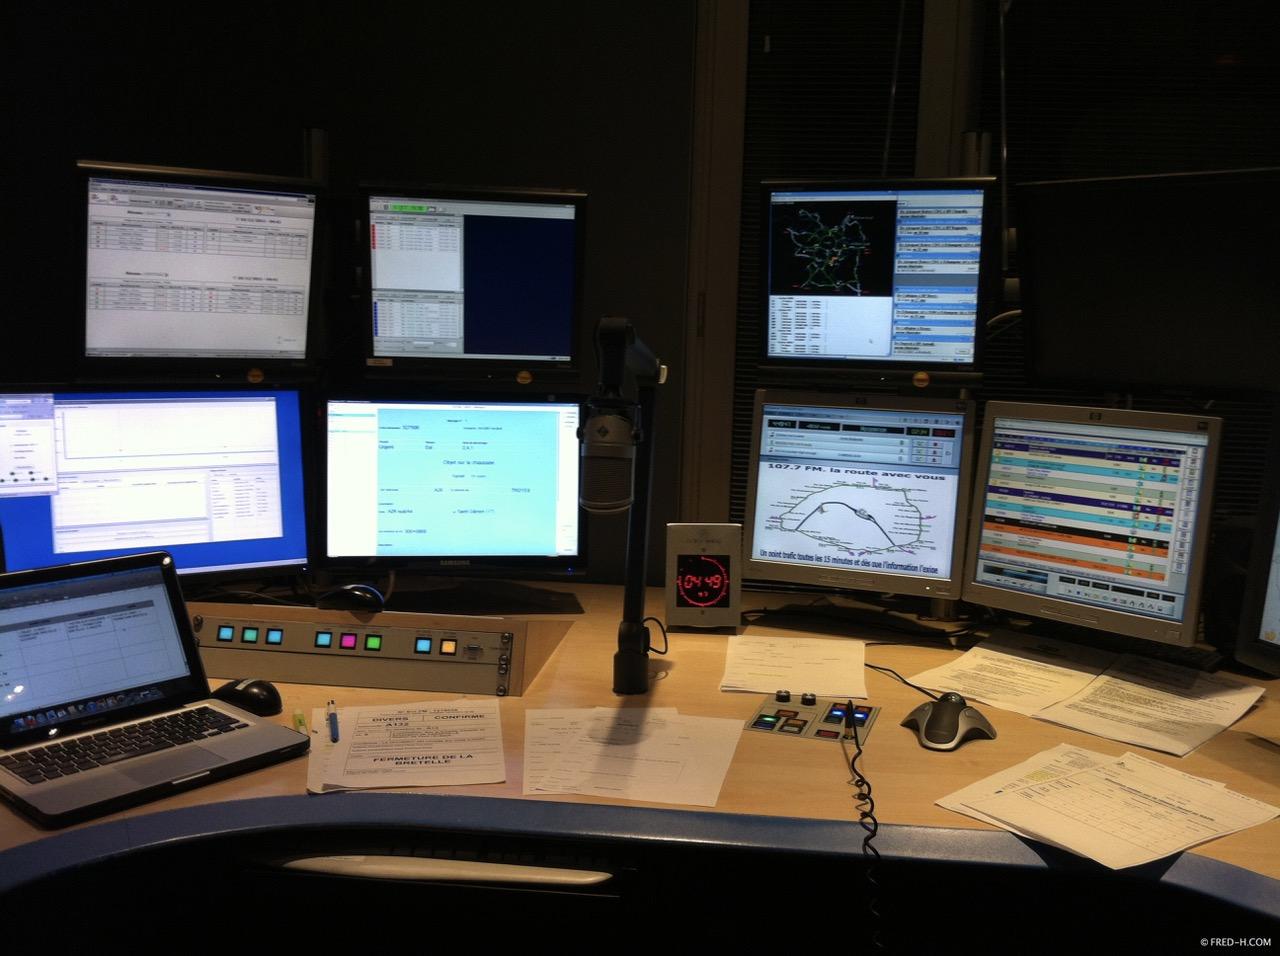 L'ambiance de la nuit sur 107.7 FM